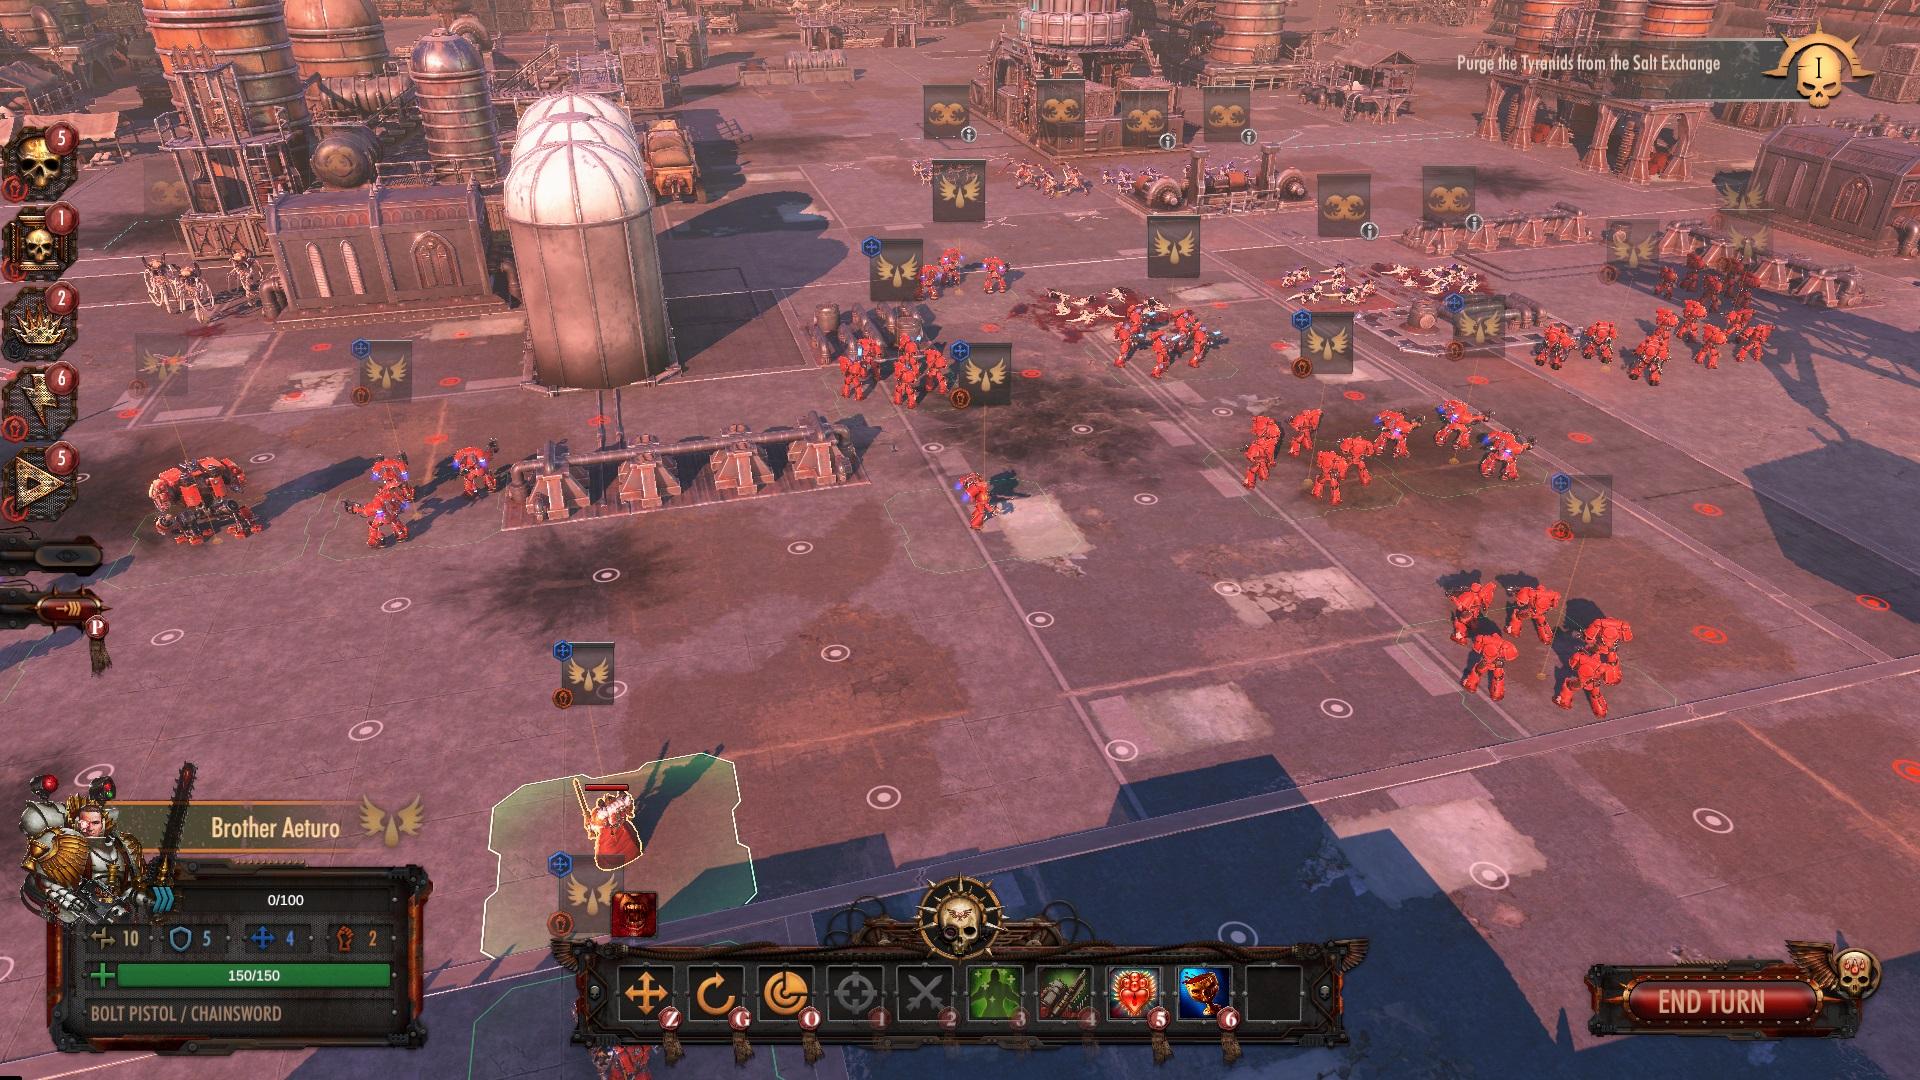 消灭泰伦虫族 回合策略新作《战锤40K:战区》公布